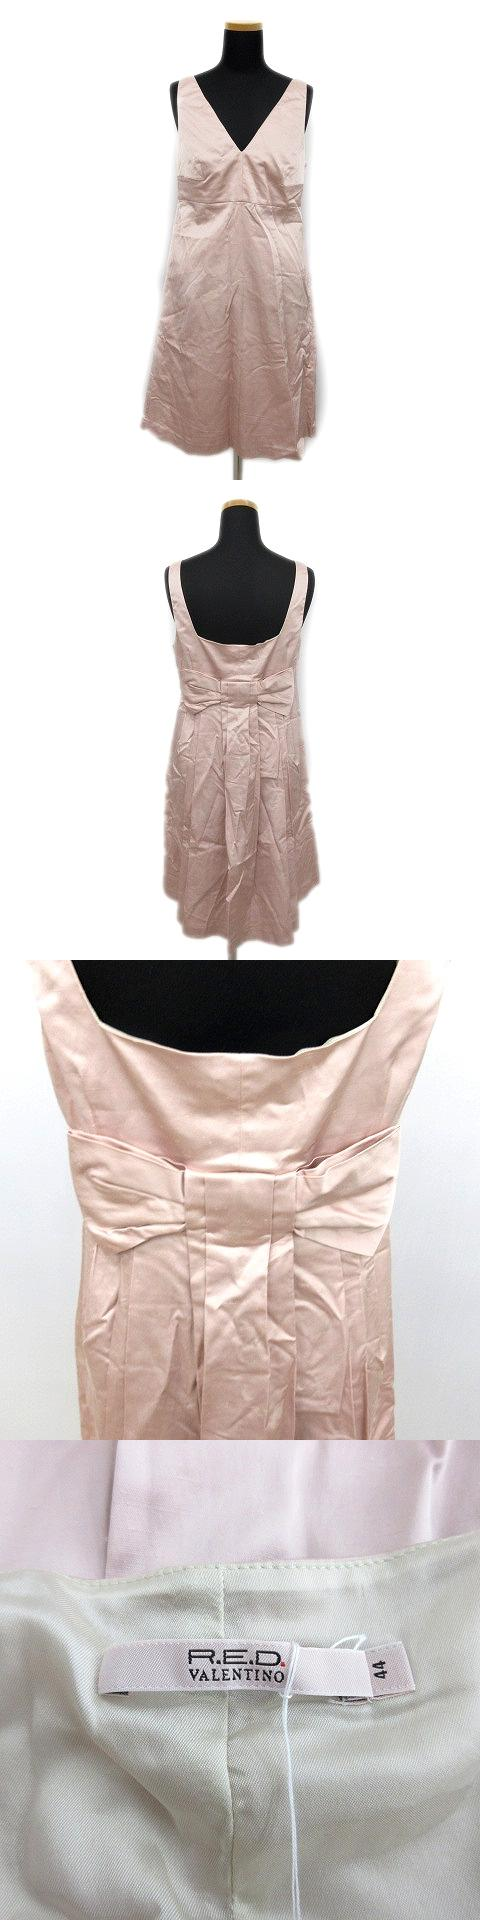 ノースリーブ バックリボン ワンピース ドレス カットソー 44 光沢 ピンク レディース◆4